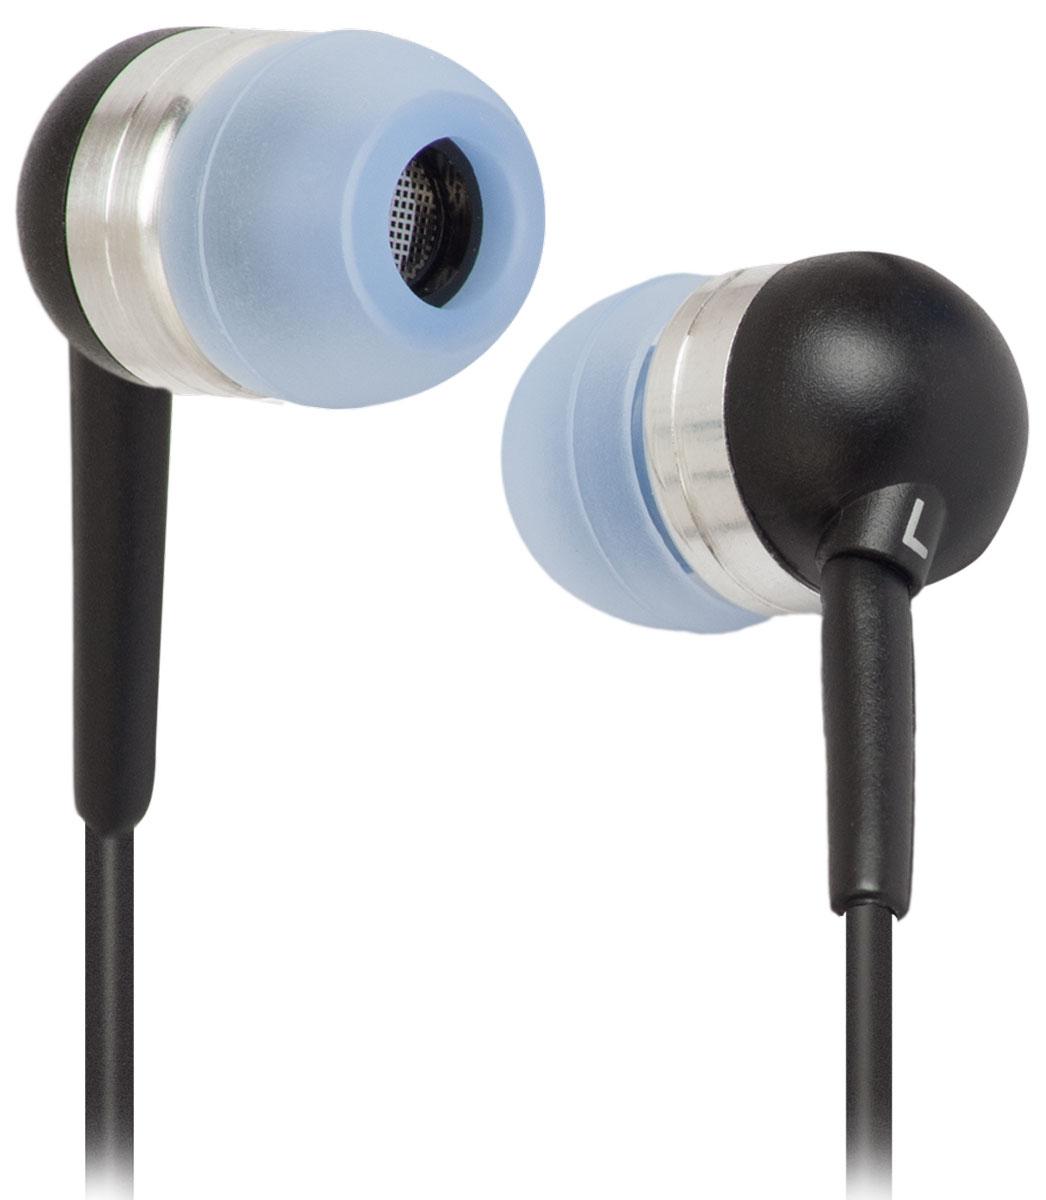 Defender Drops MPH-230, Black наушники63230Наушники-вставки для мобильных устройств Defender Drops MPH-230 - отличный выбор для повседневного использования, в том числе, в общественном транспорте, на улице и в шумных помещениях. Слушайте любимую музыку и аудиокниги в дороге - ничто не будет вам мешать! Благодаря дополнительным силиконовым вставкам в комплекте вы получите максимальный комфорт во время прослушивания музыки. Эти наушники подходят как для мобильных телефонов, так и для ноутбуков.